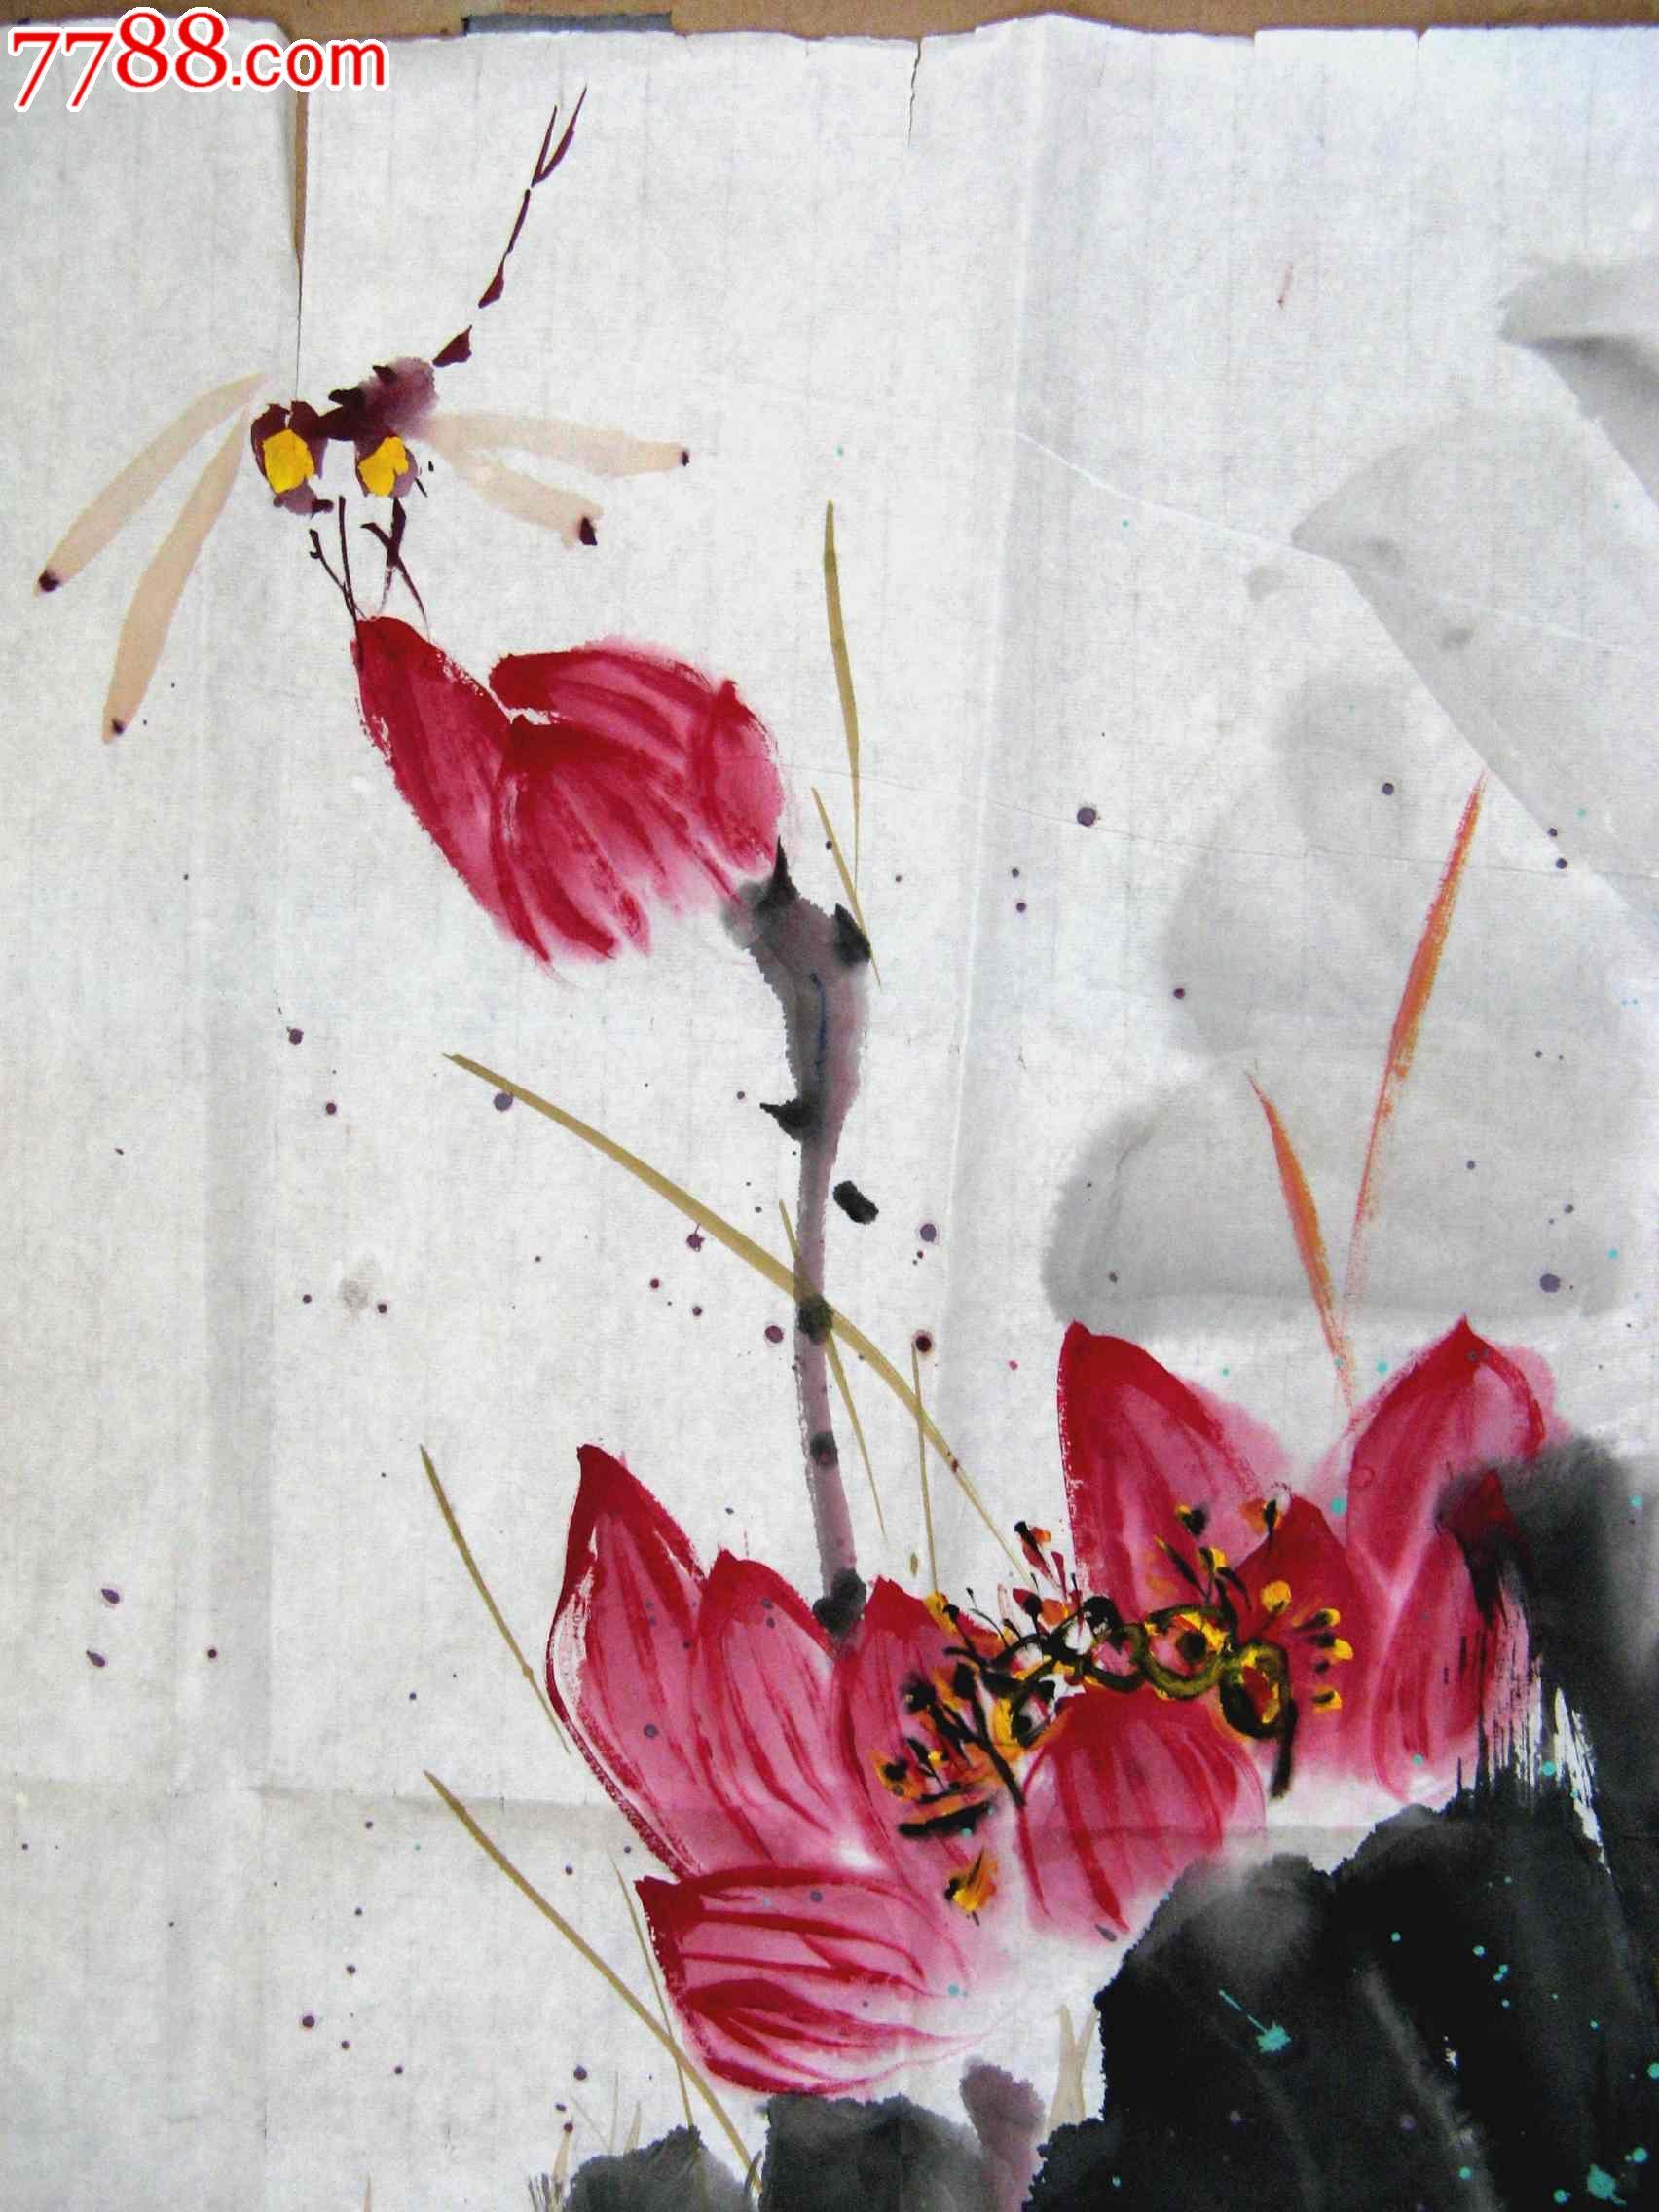 画风清雅俊秀的四尺斗方荷花画:红荷蜻蜓